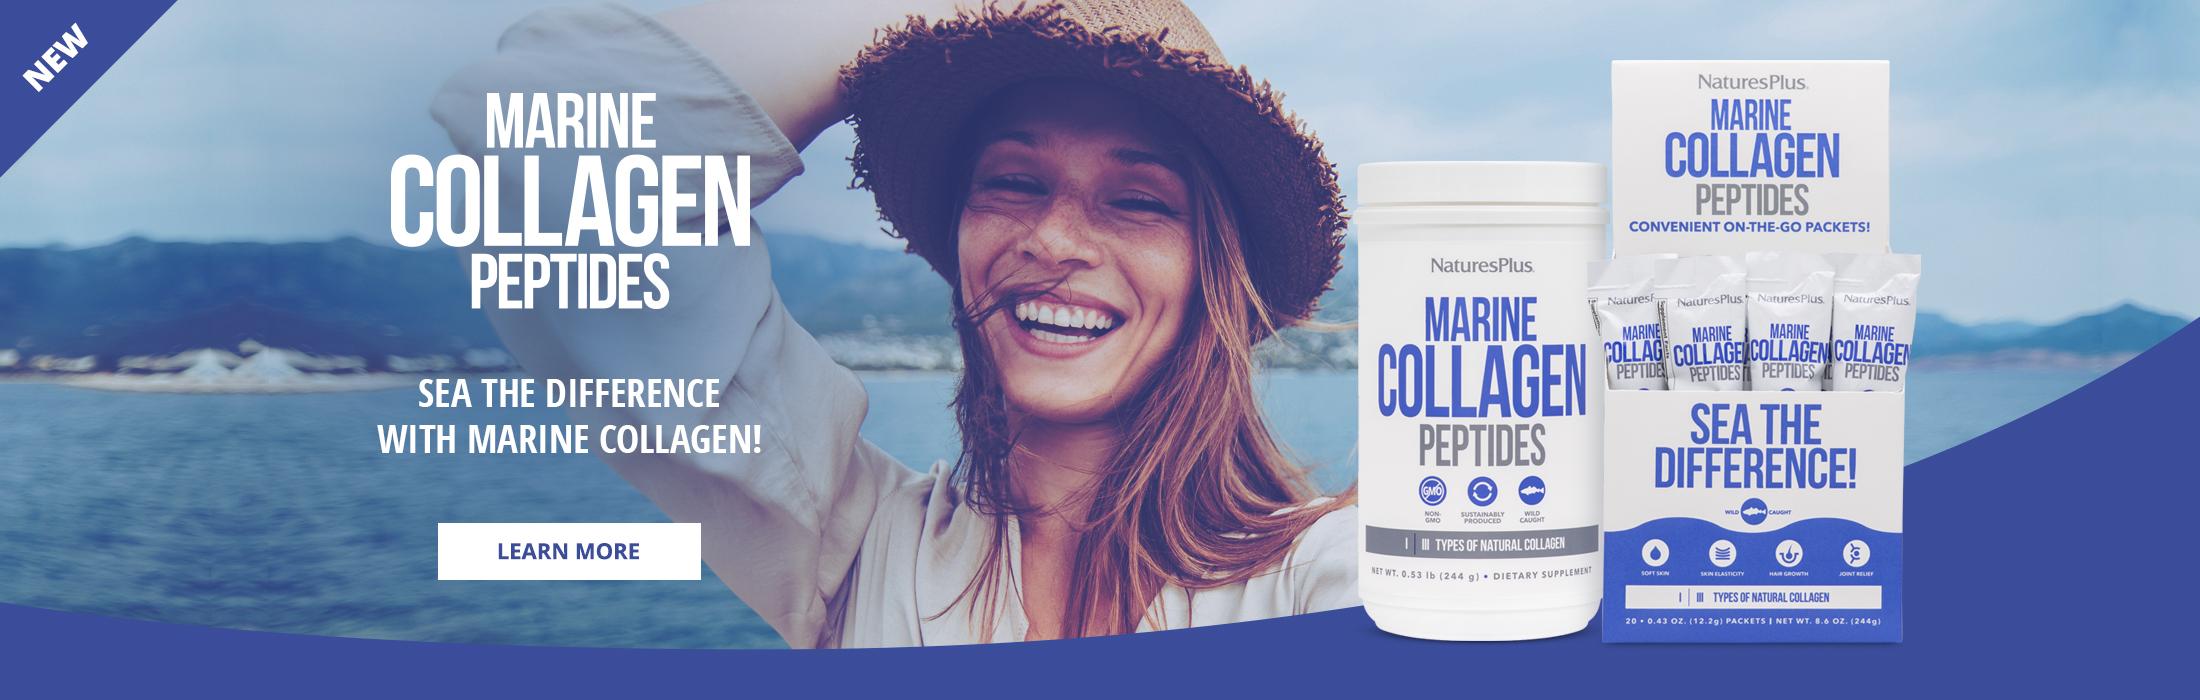 Collagen-Marine_Launch_HP_Banner-02